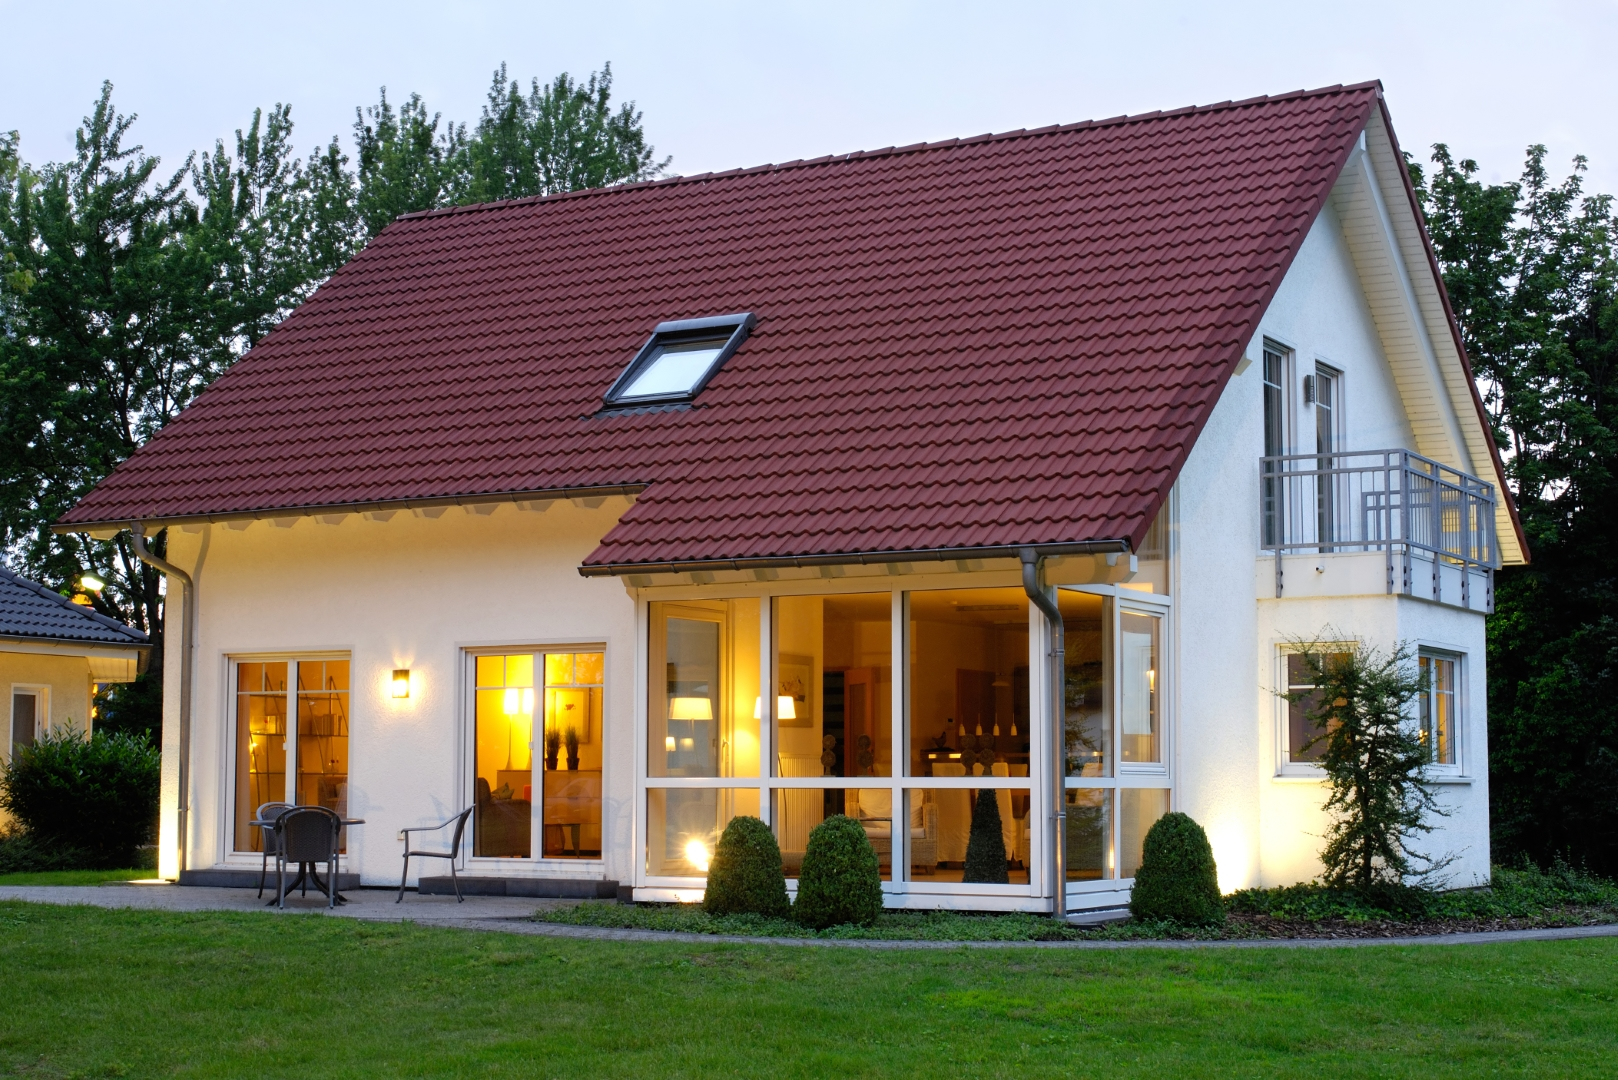 Welche Faktoren bestimmen die Effizienz von Wärmepumpen in Einfamilienhäusern